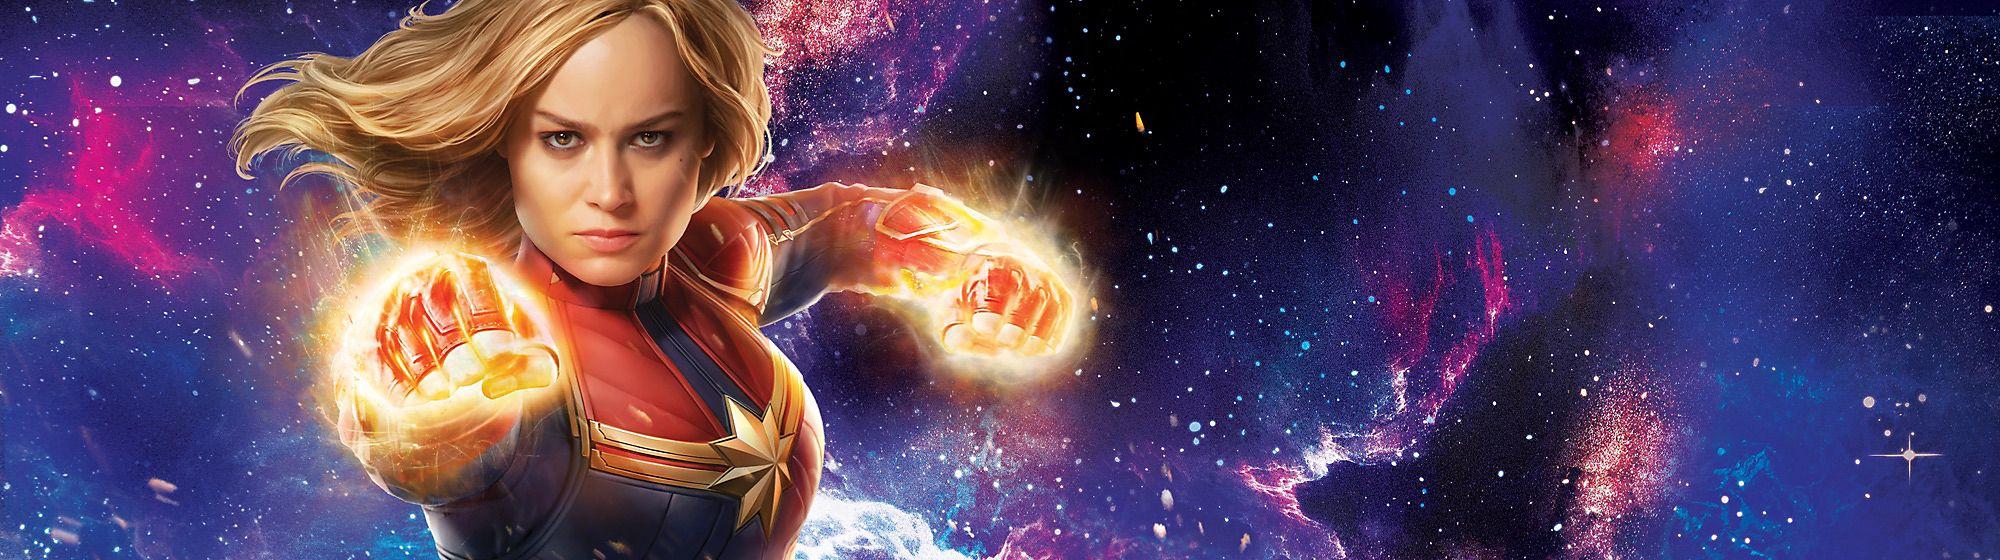 Devenez un super-héros comme Captain Marvel, en revêtant son déguisement ou bien en vous amusant avec les jouets à son effigie!